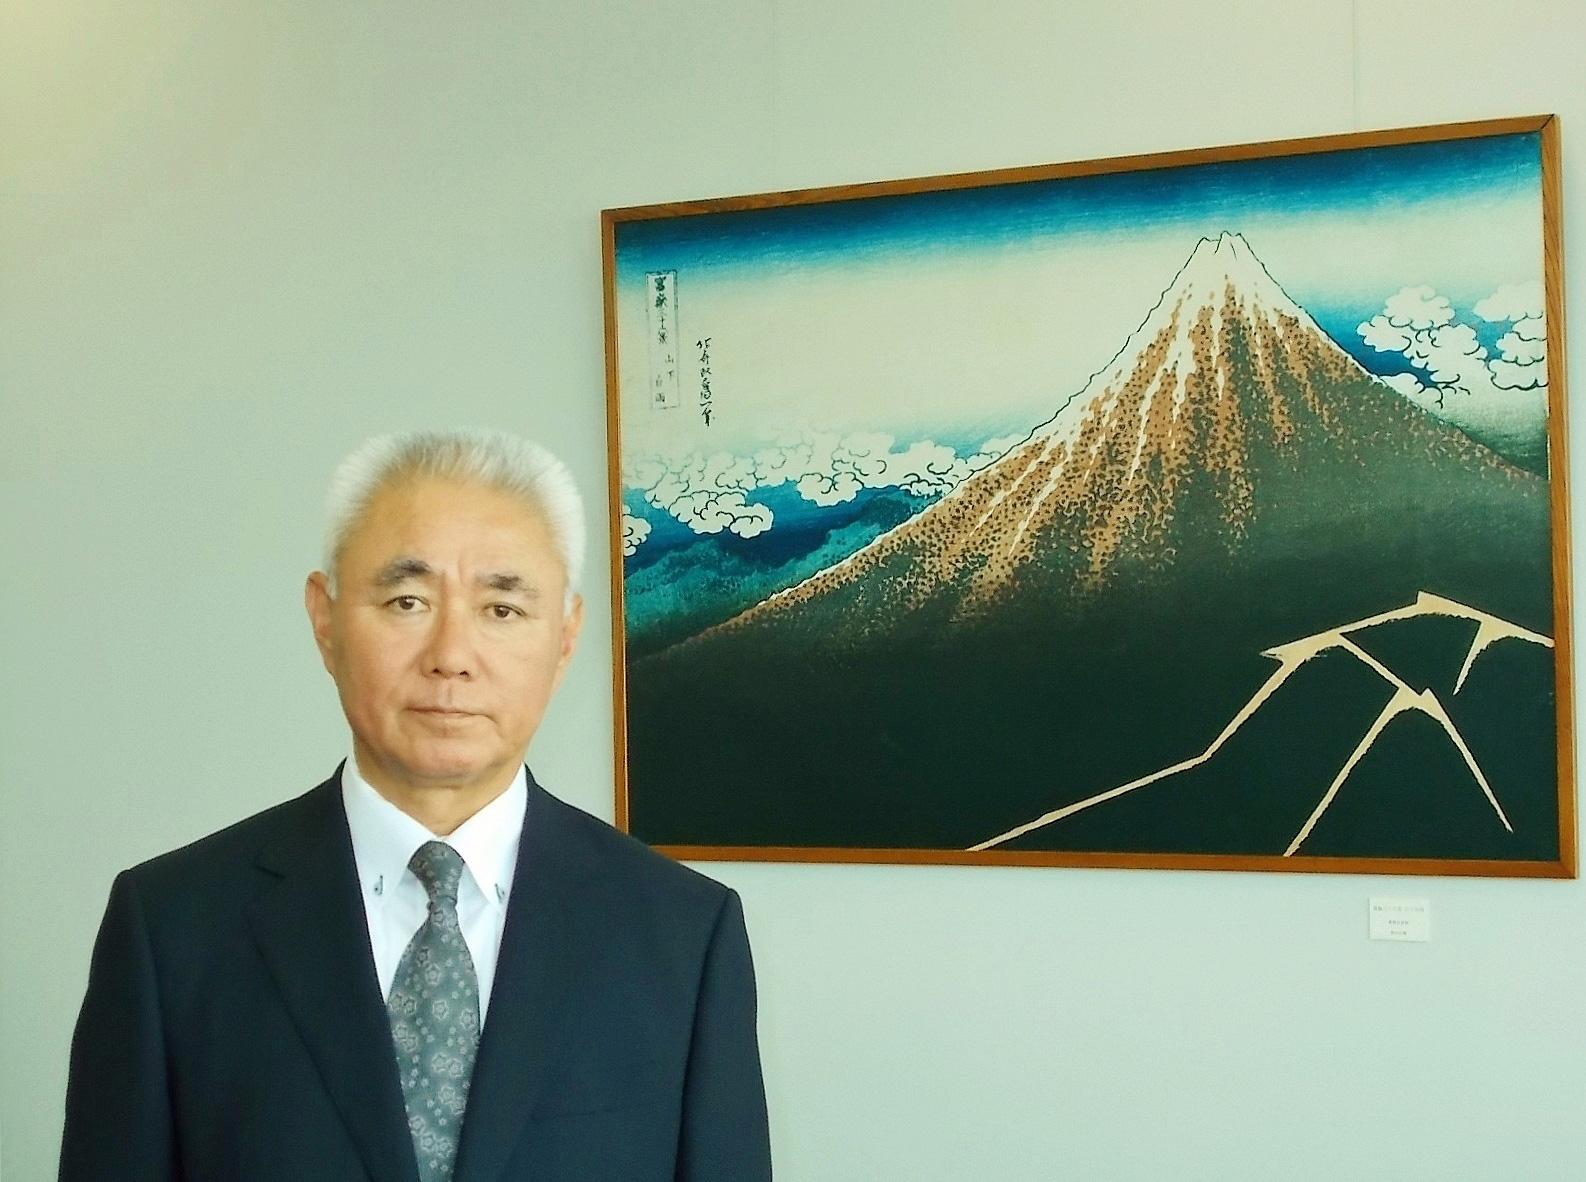 株式会社アルカタワーズ 代表取締役社長 坂本 康治